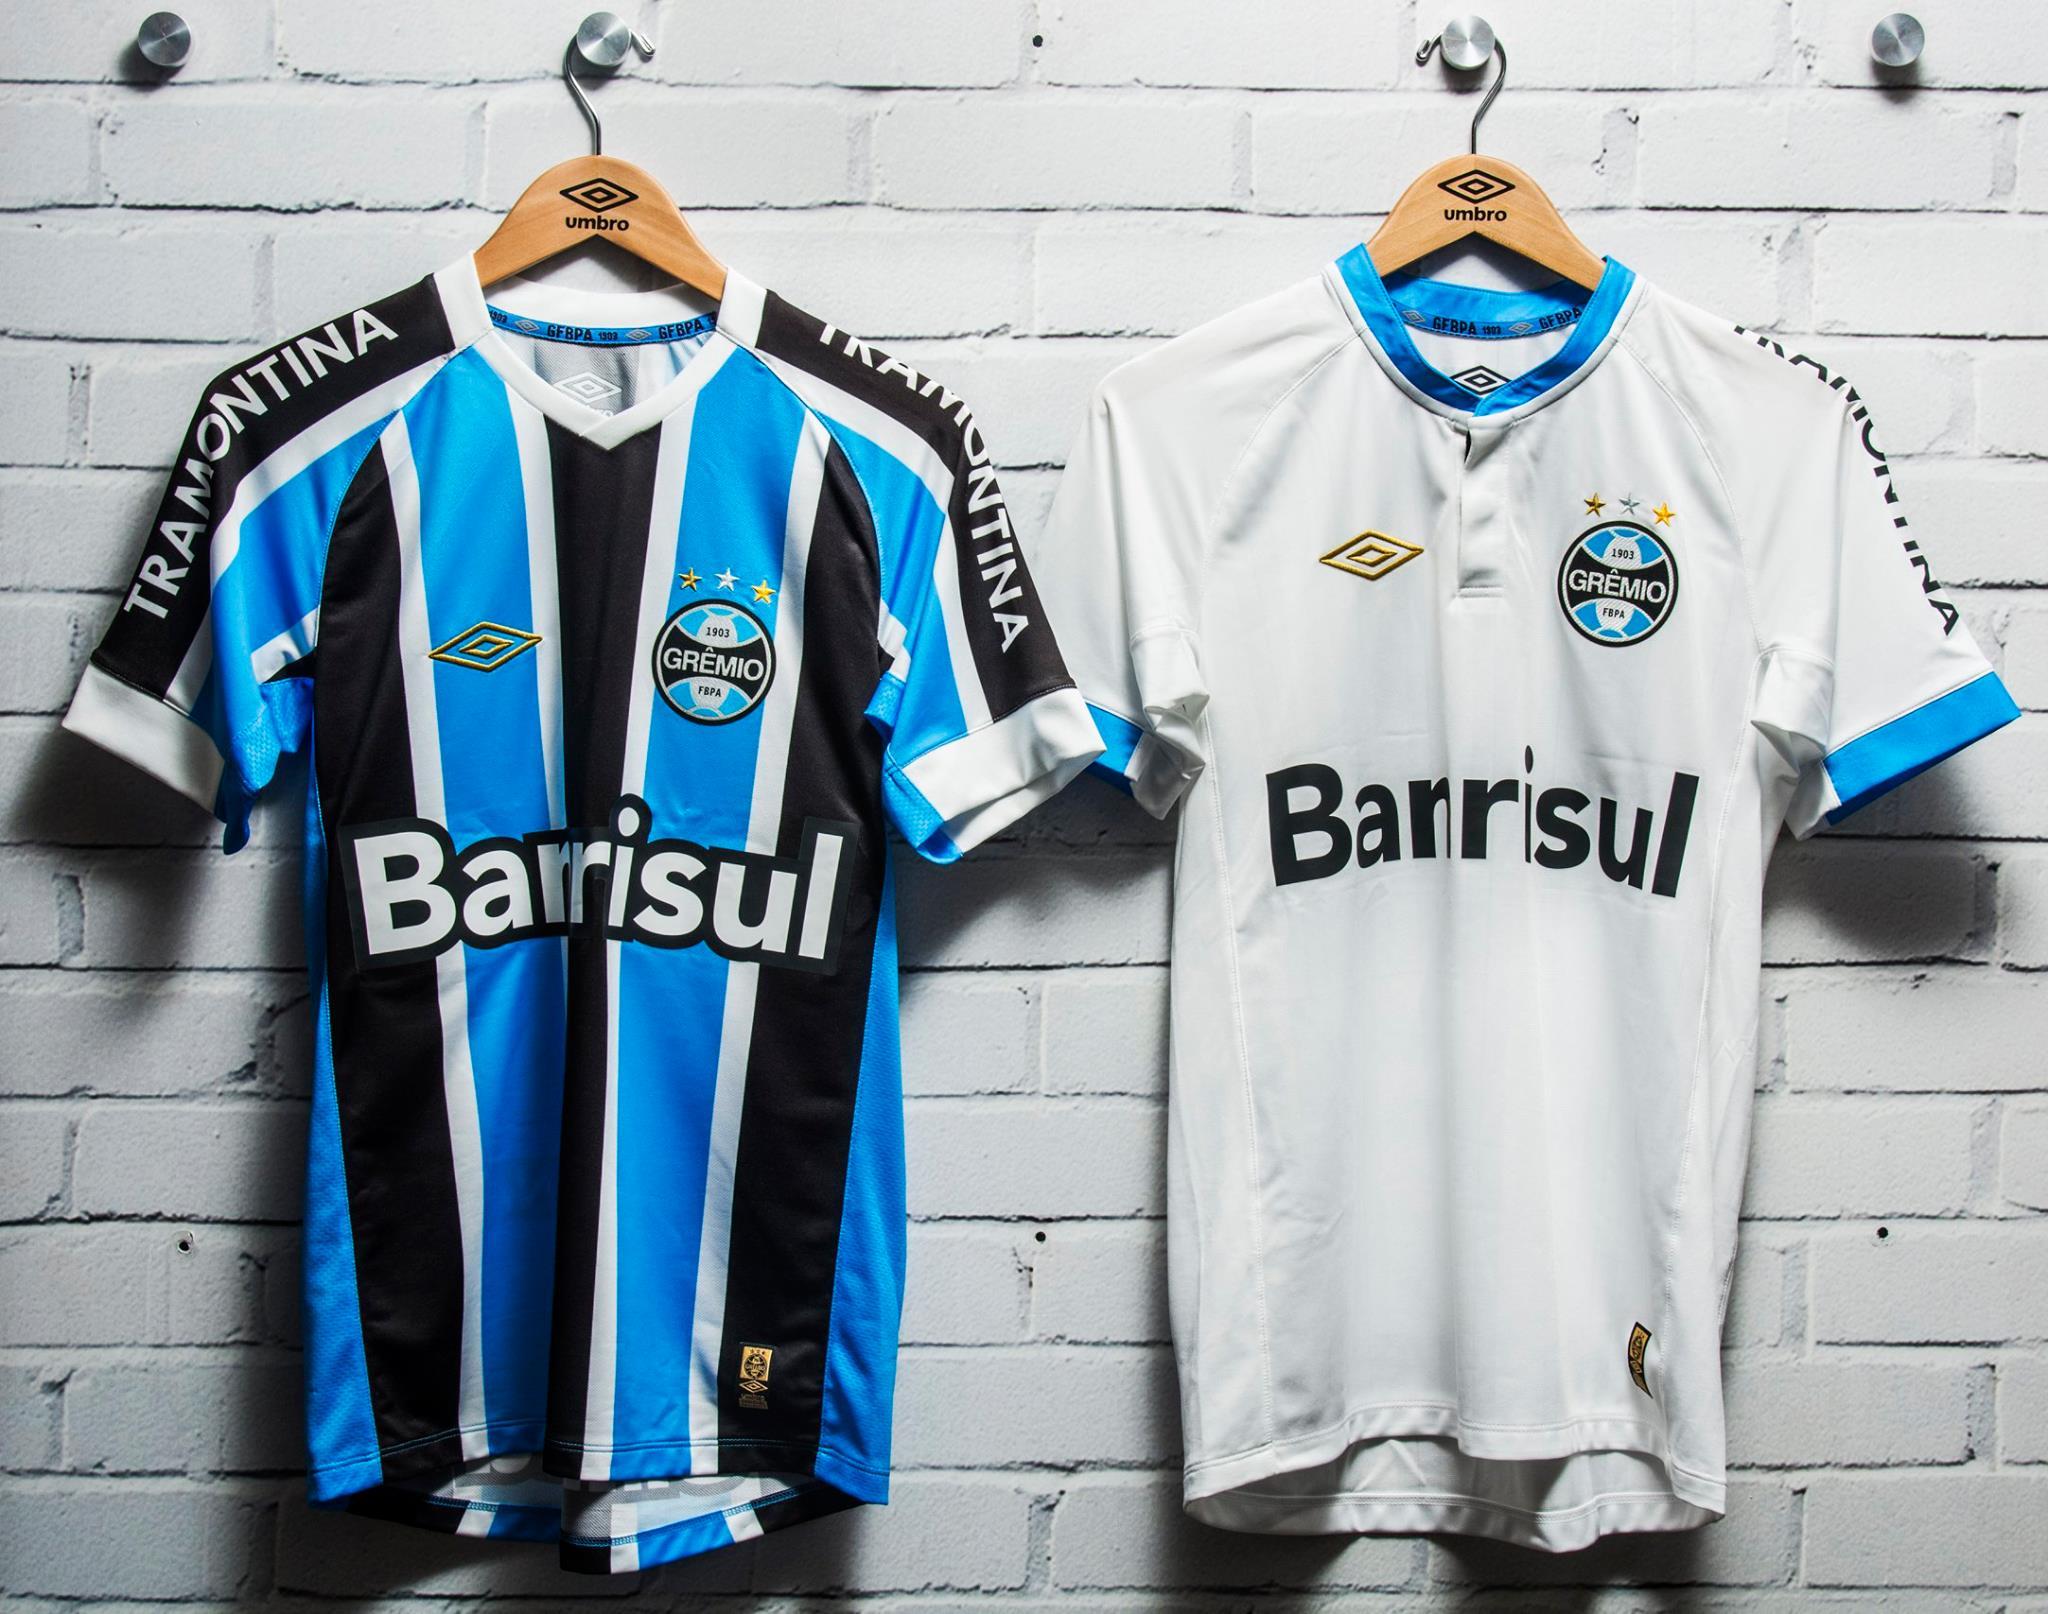 As camisas do Grêmio para 2015.  11572 10153113106189578 1034623487020400945 n ·  10923813 10153105091414578 697423552127242872 o ca2de07b15b6c